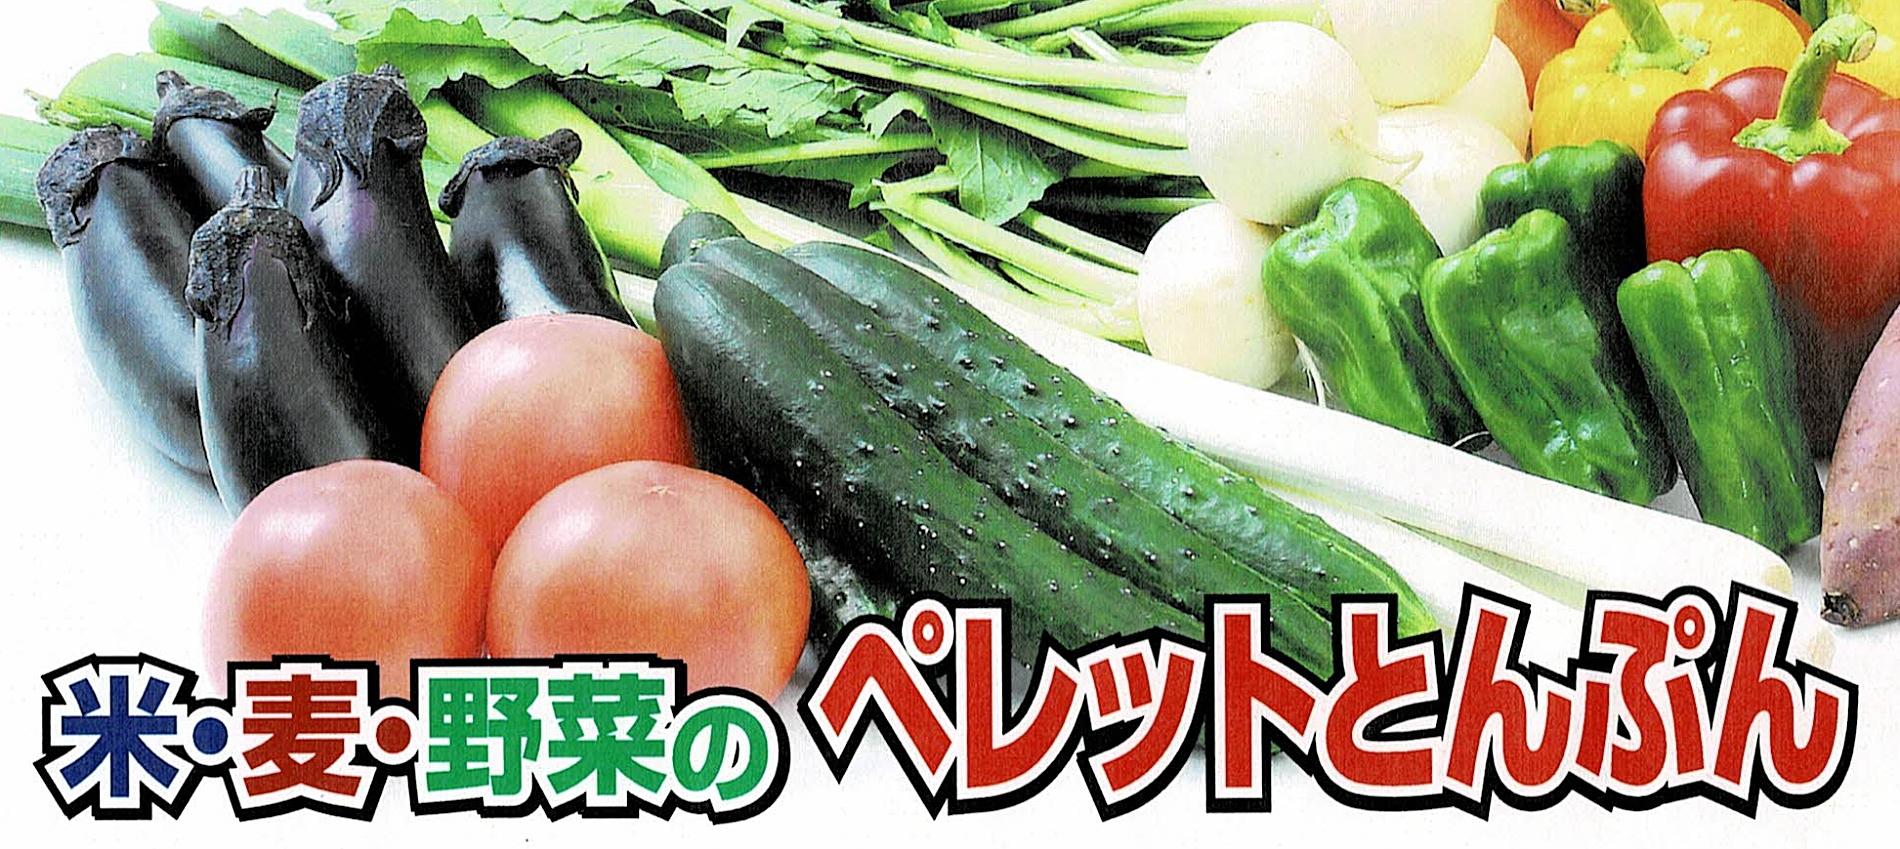 米・麦・野菜のペレットとんぷん